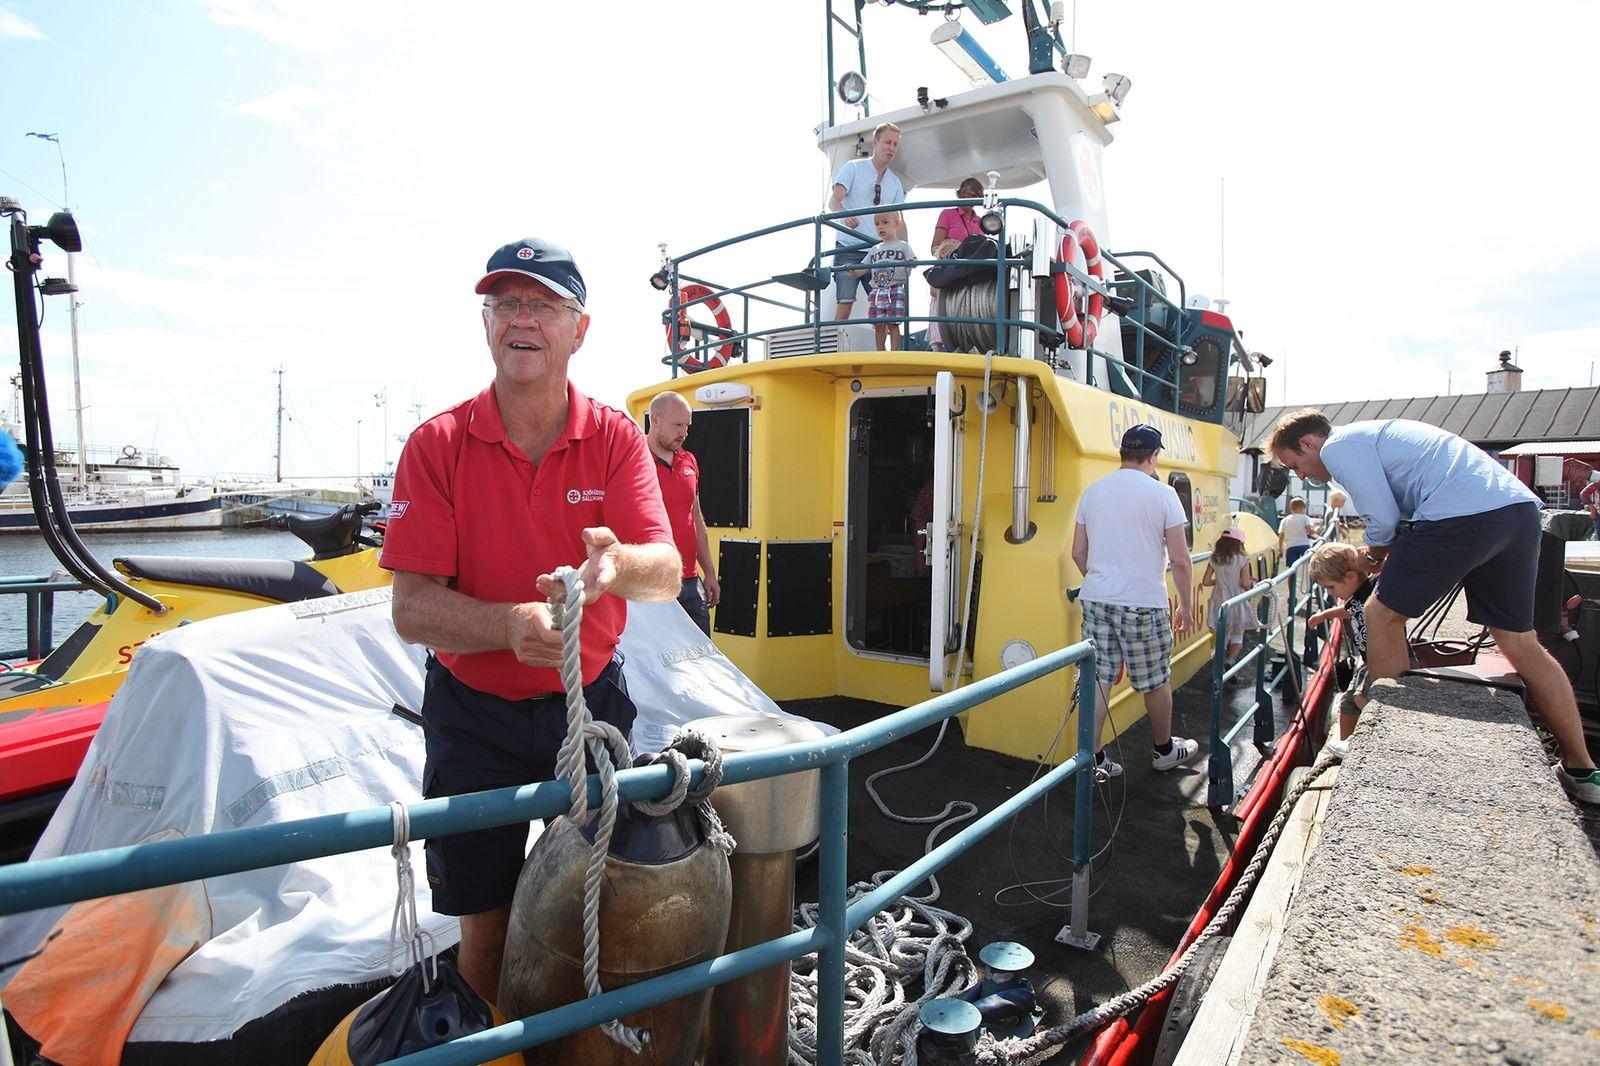 Det var många som ville gå ombord och kika på Sjöräddningens båt Gad Rausing som låg förtöjd i hamnen. Anders Nyman, besättningsman, berättade att en permanent sjöräddningsstation är på gång.